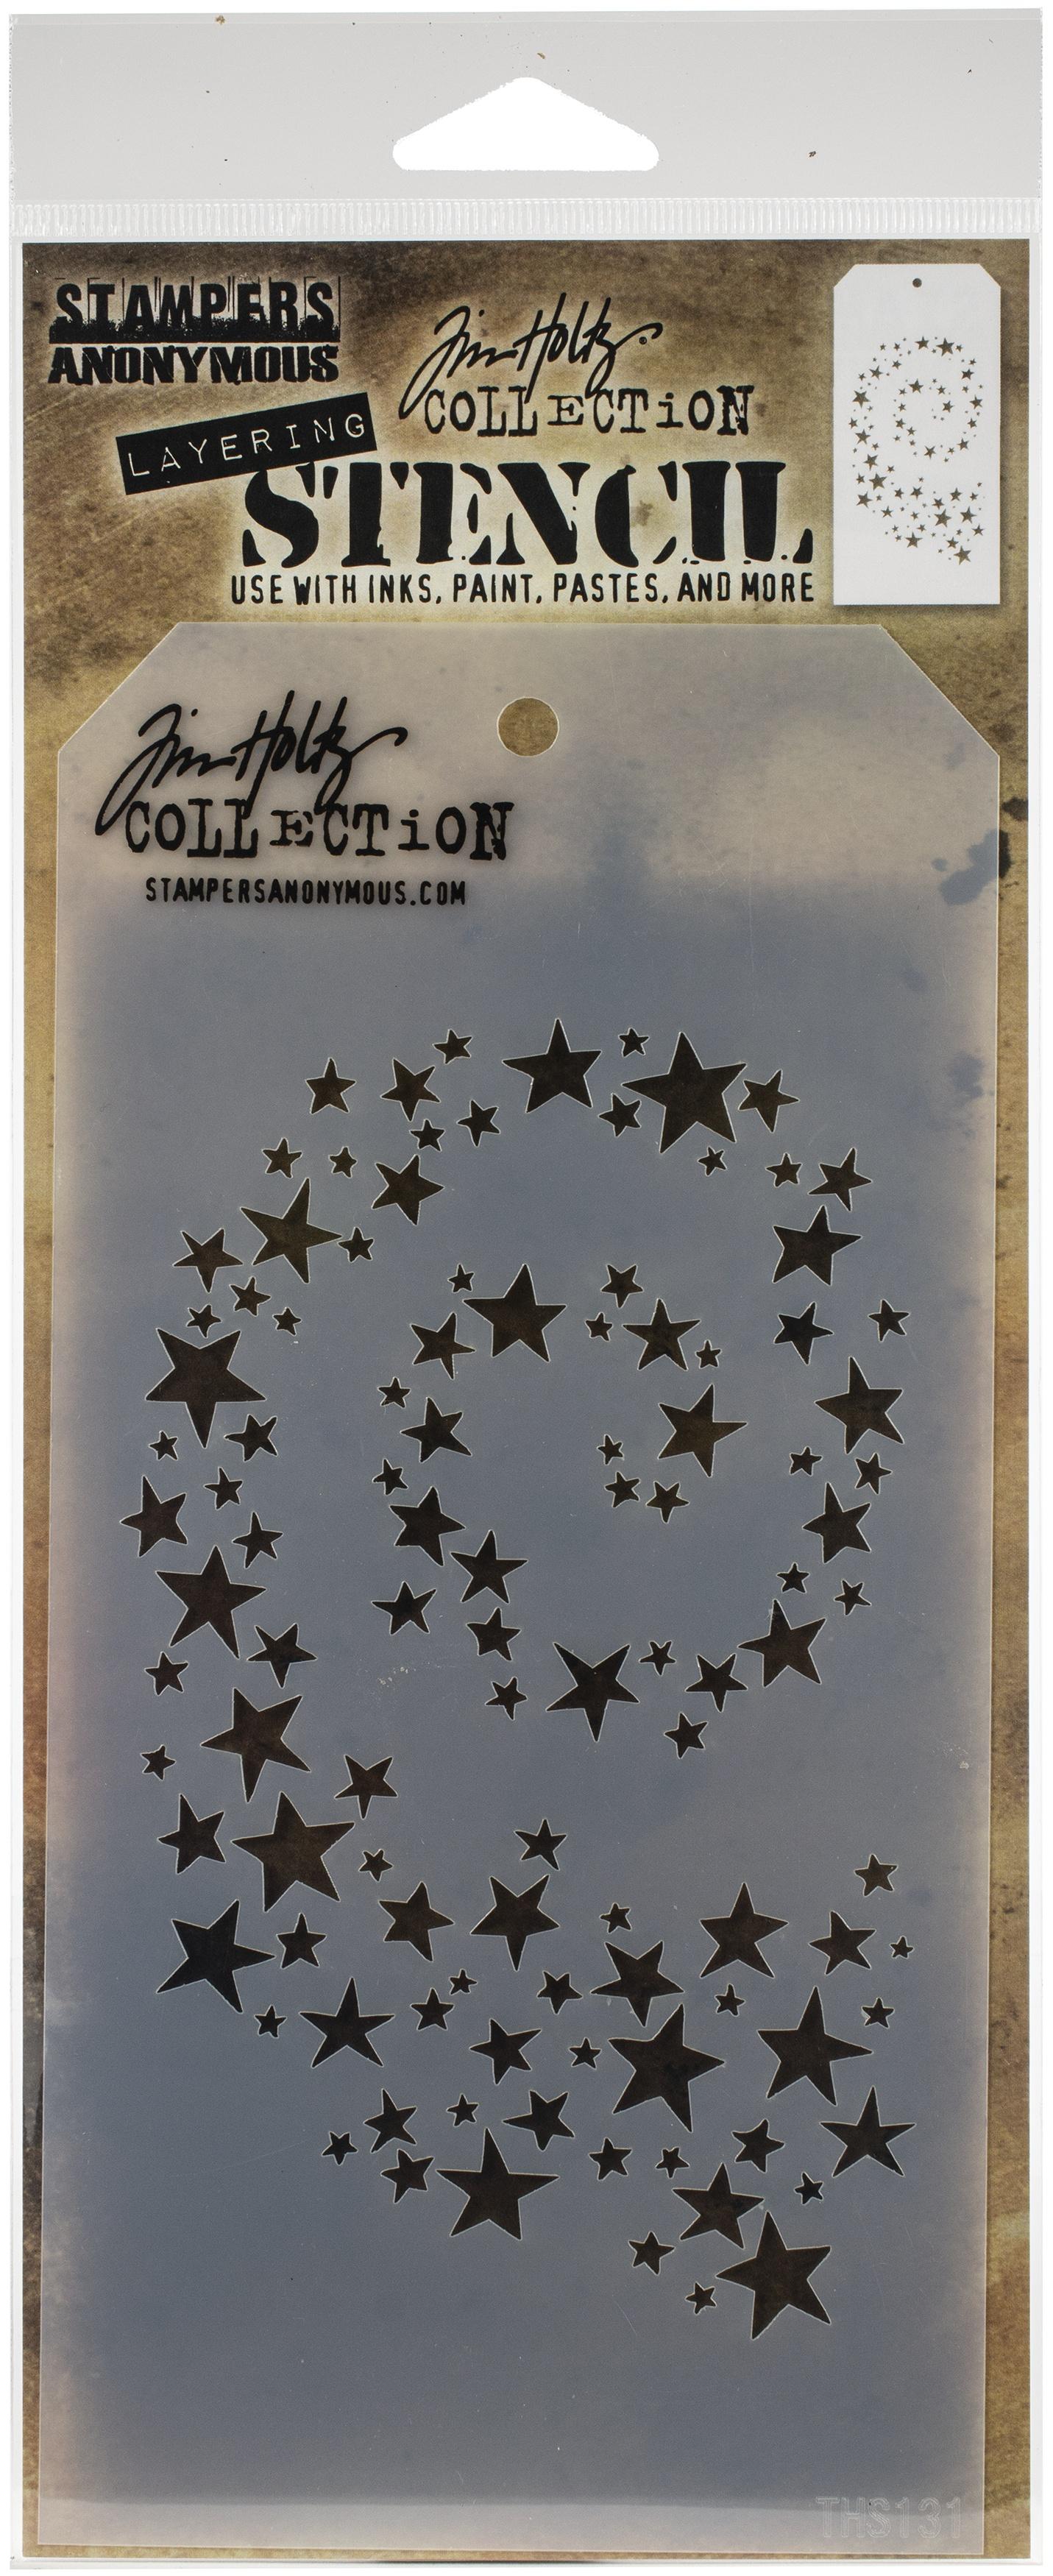 Tim Holtz Layered Stencil 4.125X8.5-Hocus Pocus